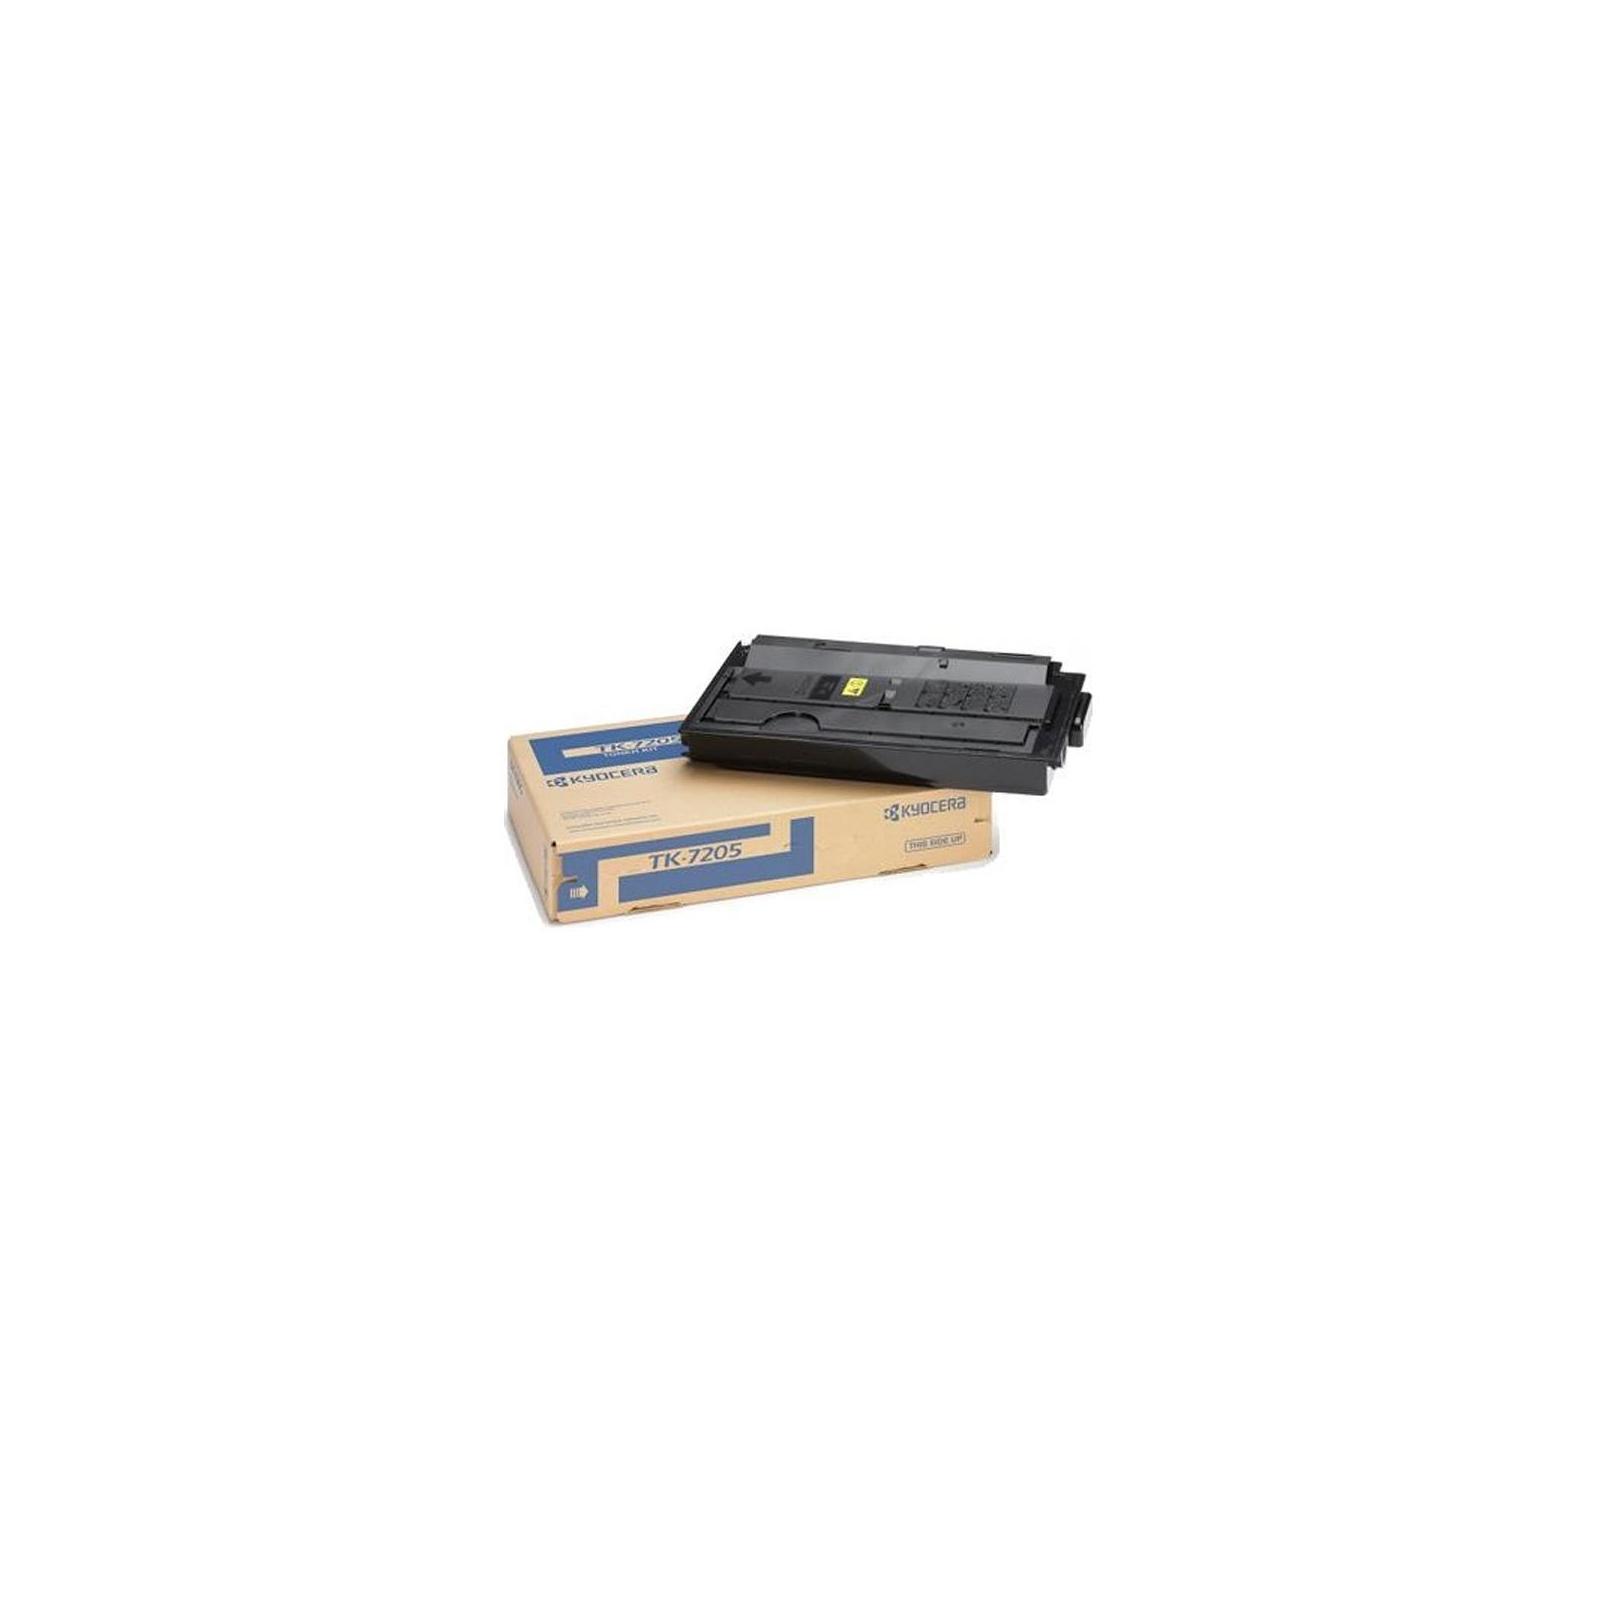 Тонер-картридж Kyocera TK-7205 35K (1T02NL0NL0)